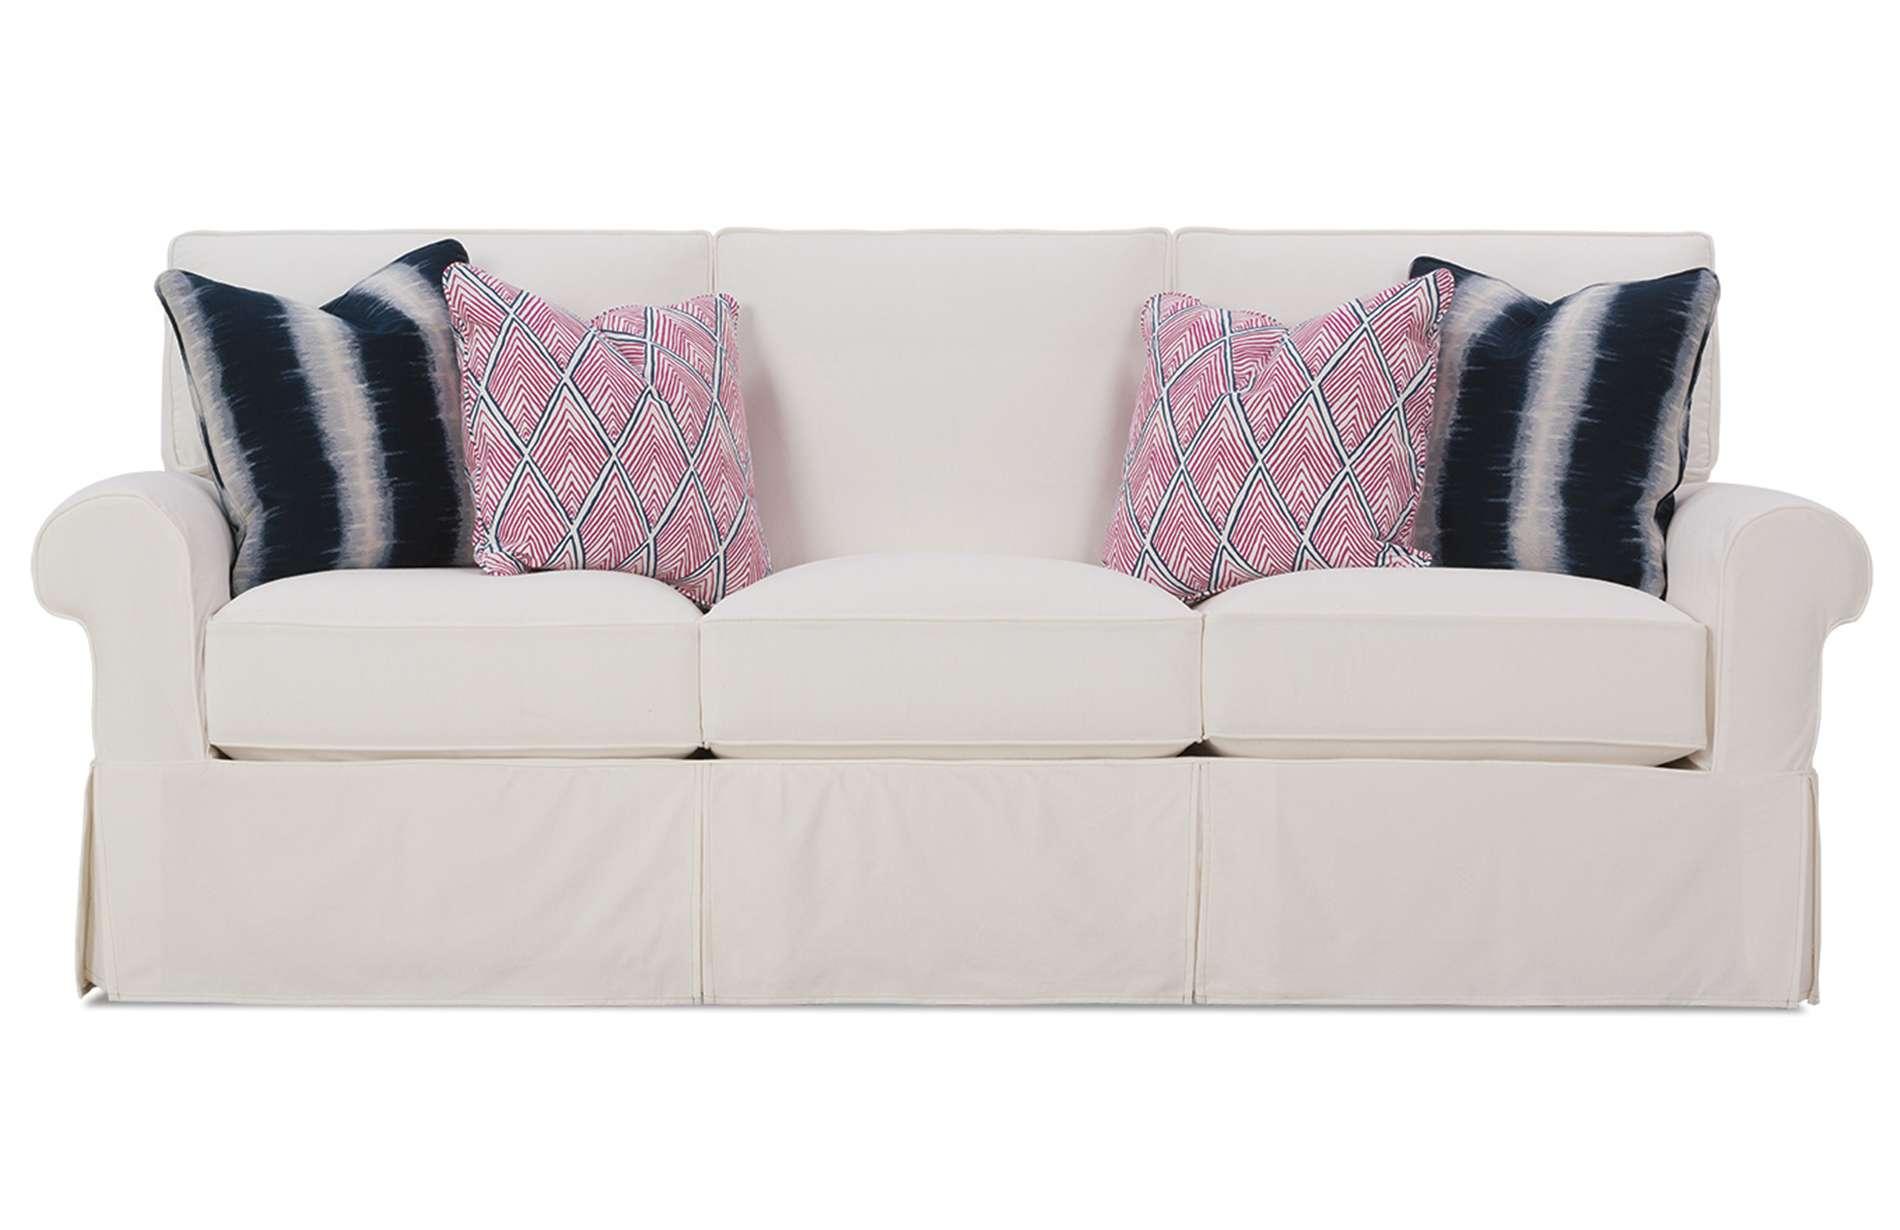 ■sleeper sofa Capably Sofa Sleeper Slipcovers Best Slipcovers